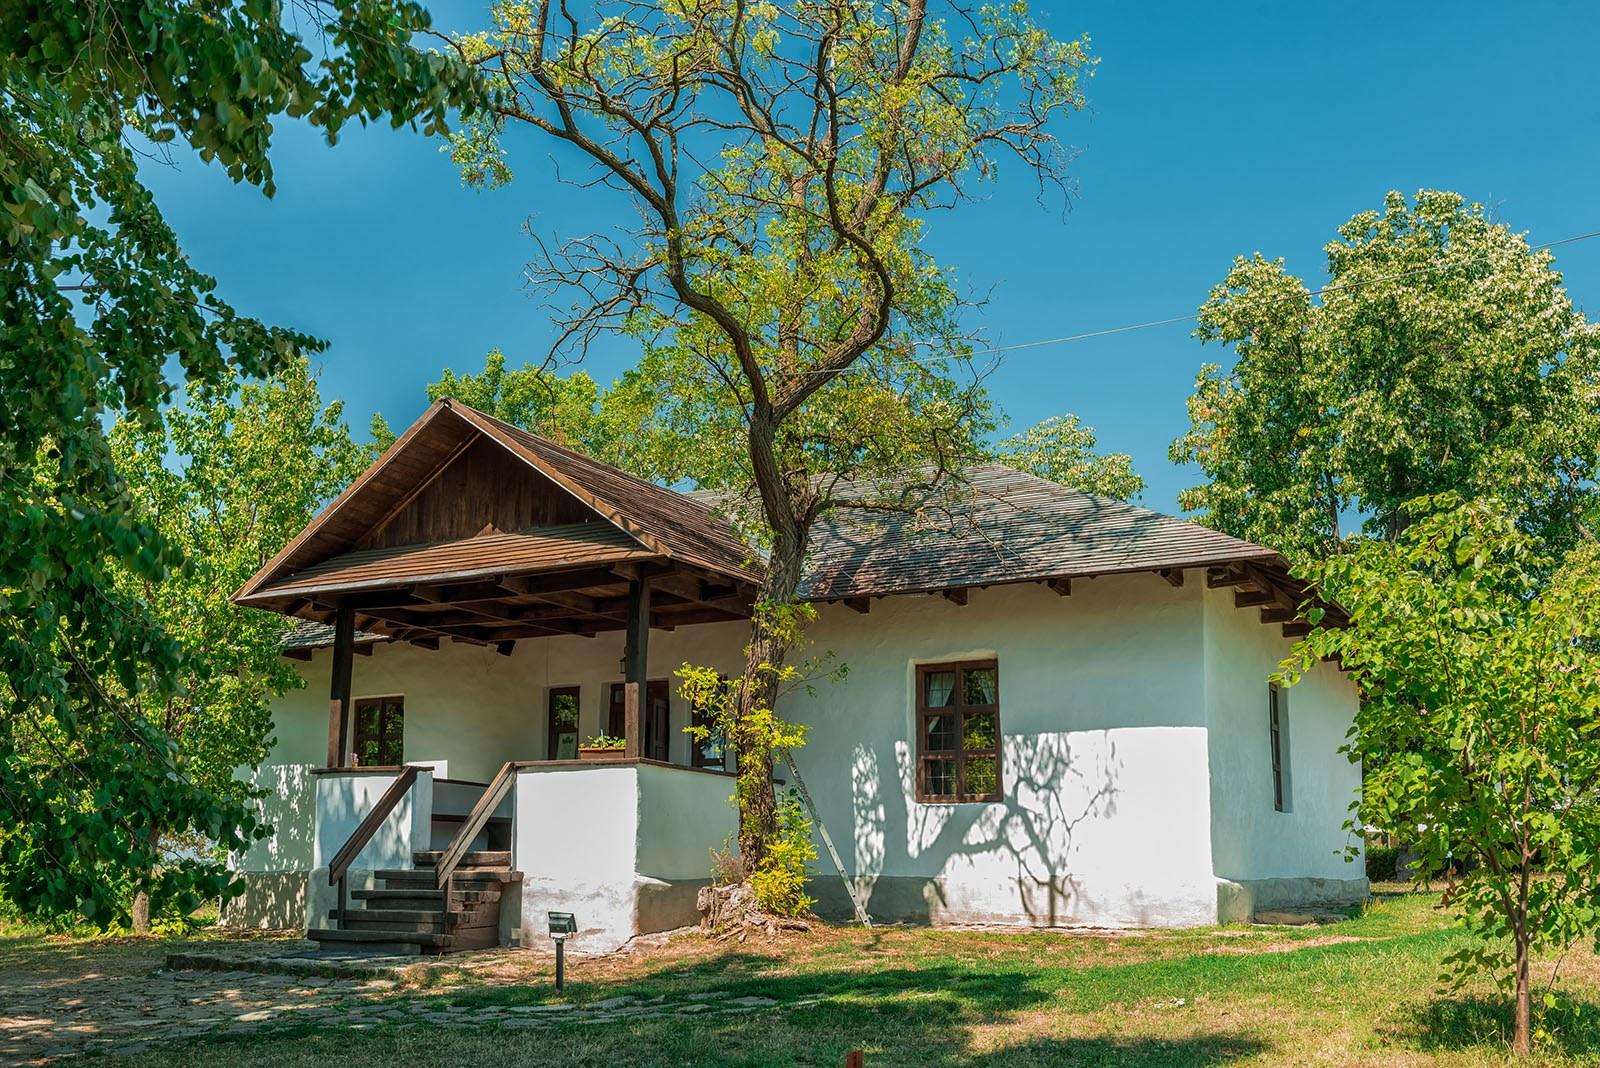 Casa Memorială Mihai Eminescu